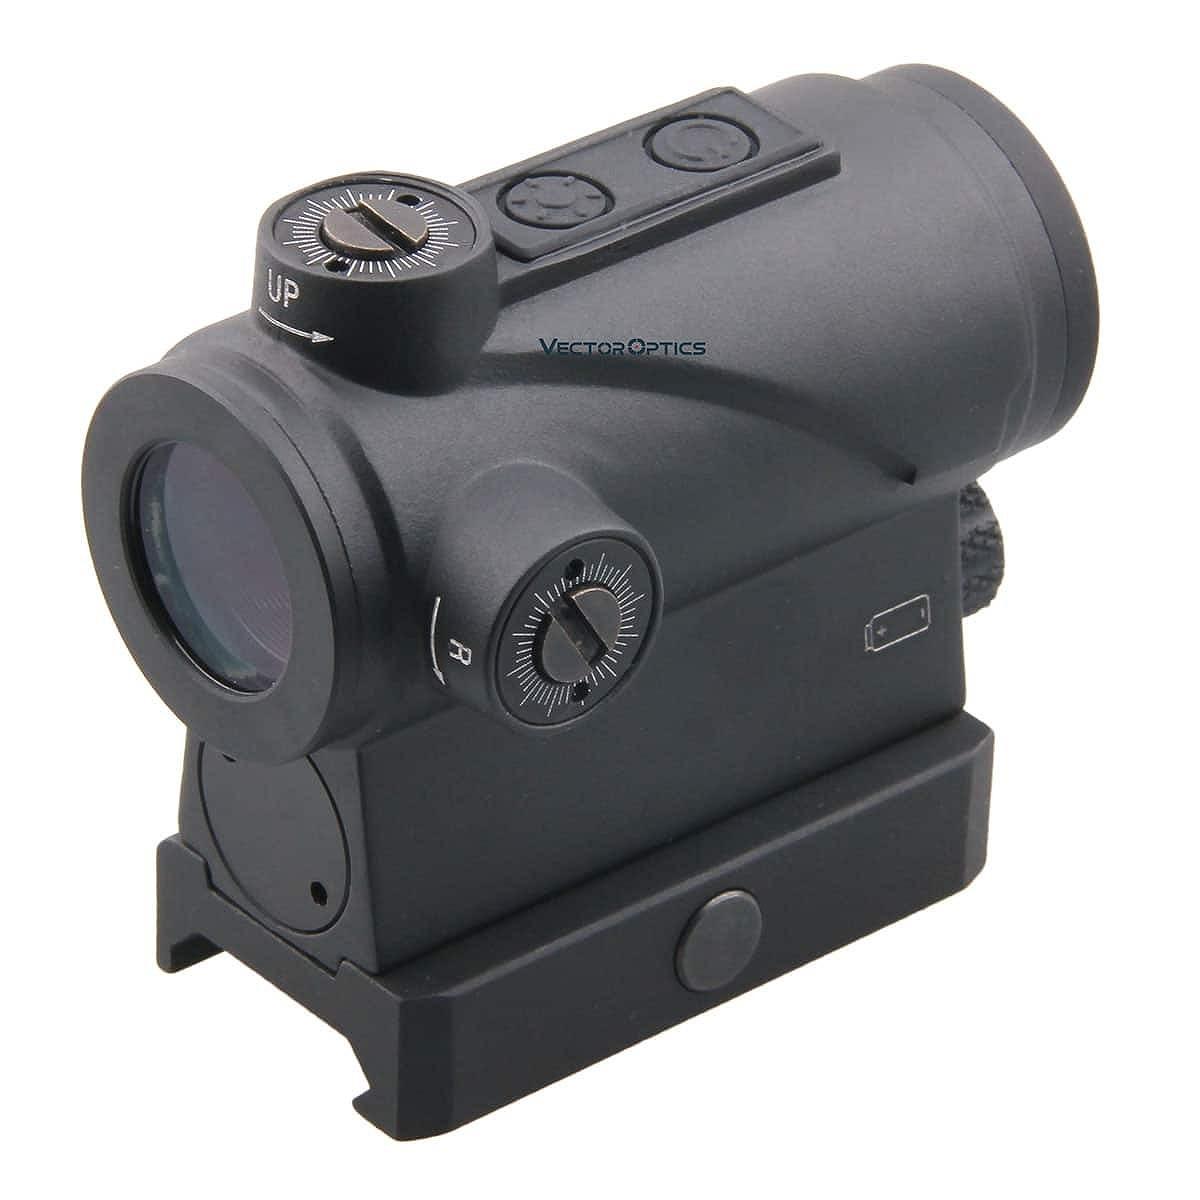 【お届け予定日: 5月30日】ベクターオプティクス ドットサイト Centurion 1x20  Vector Optics SCRD-33